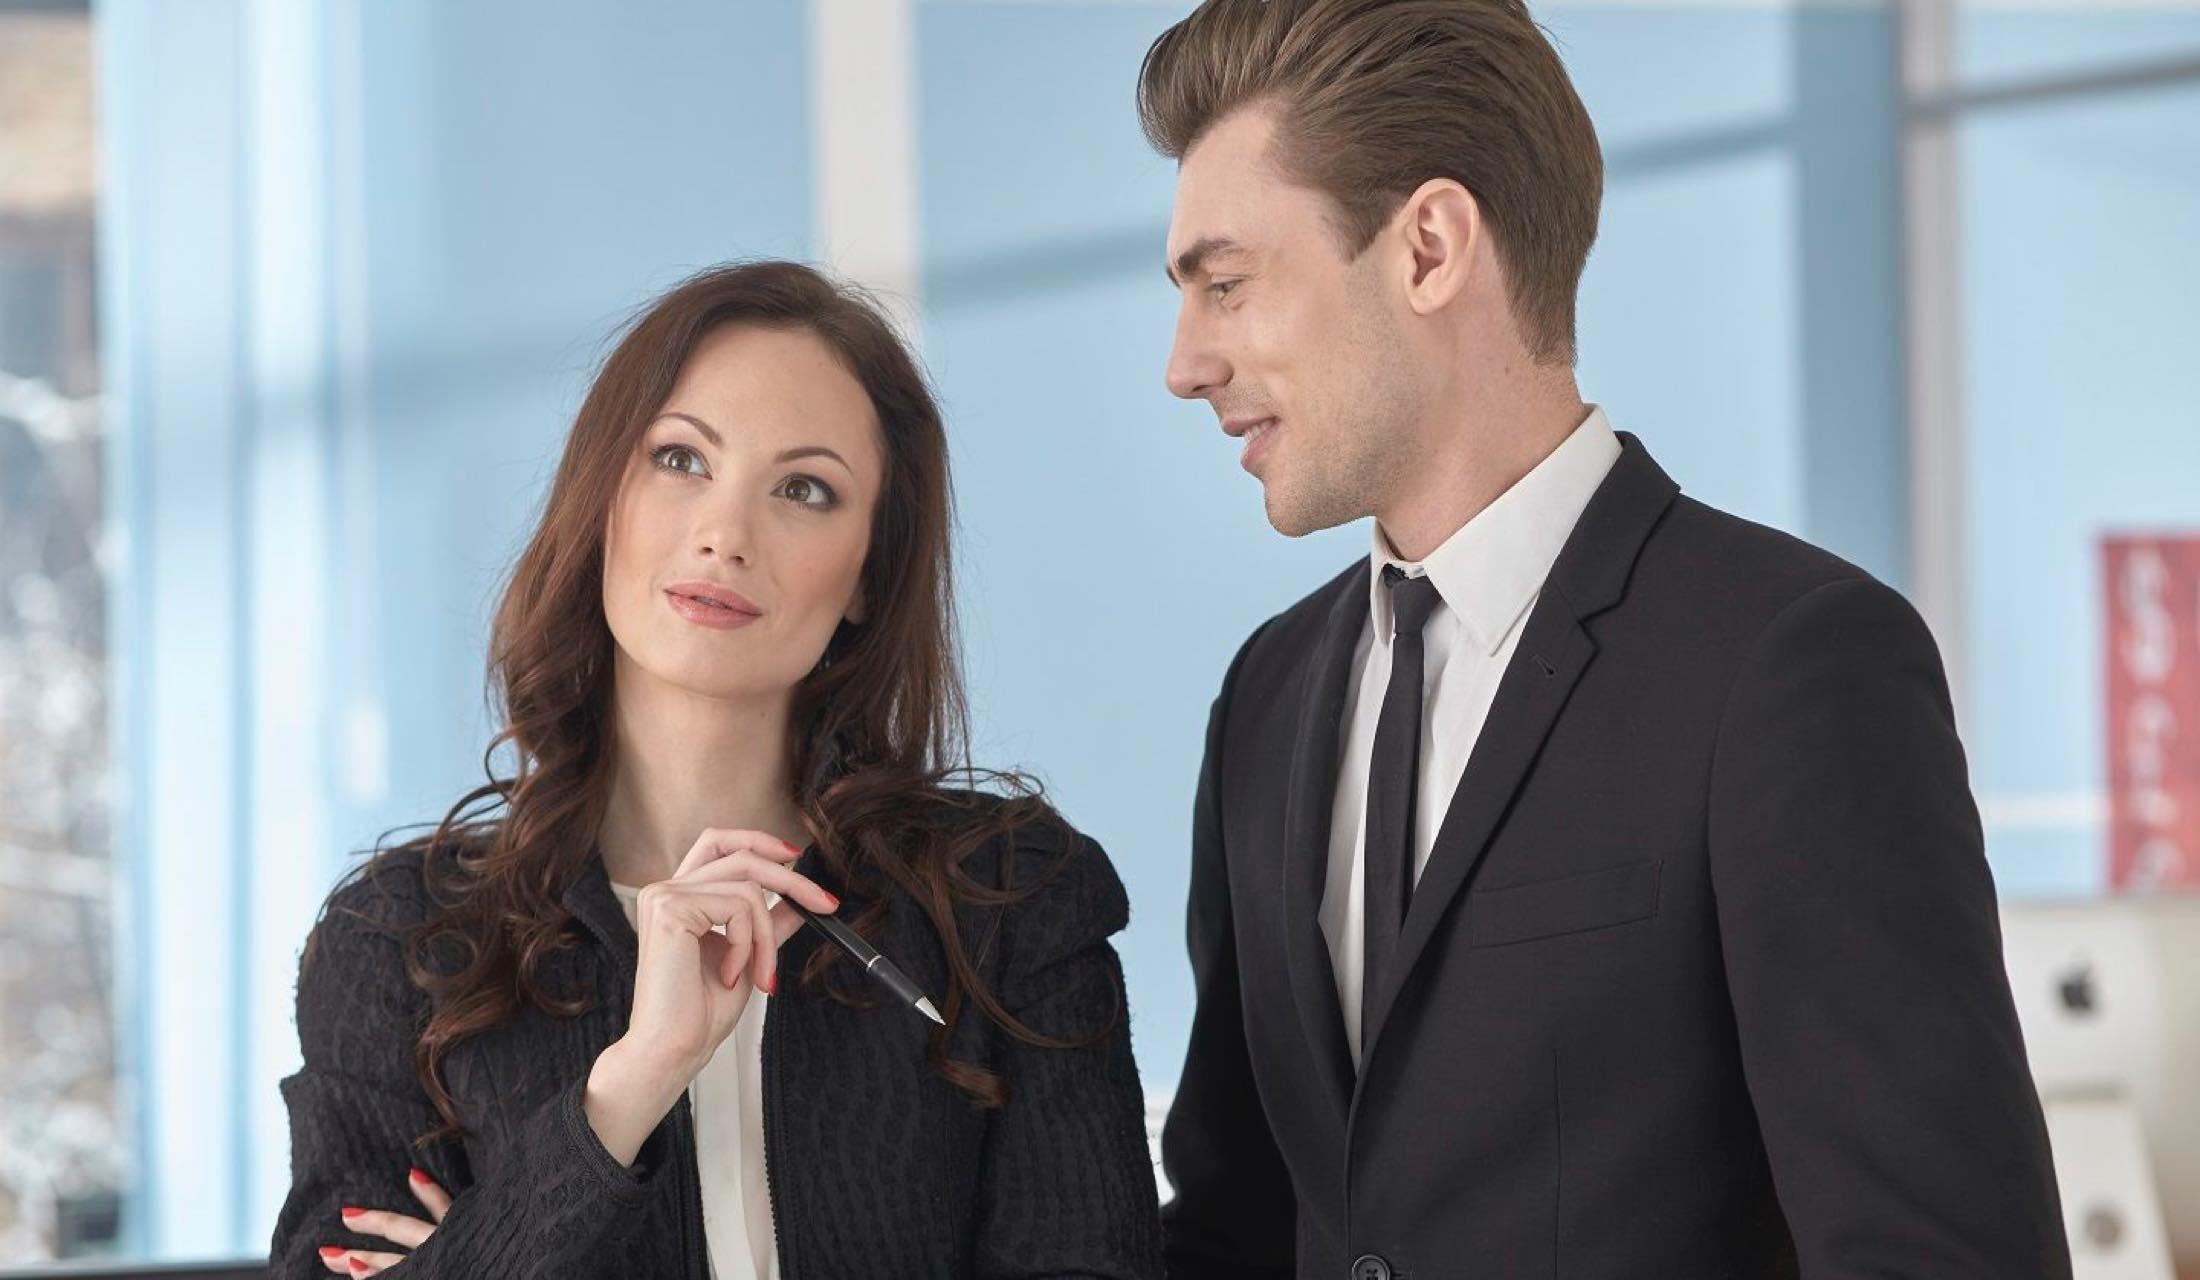 職場で会話をする男女